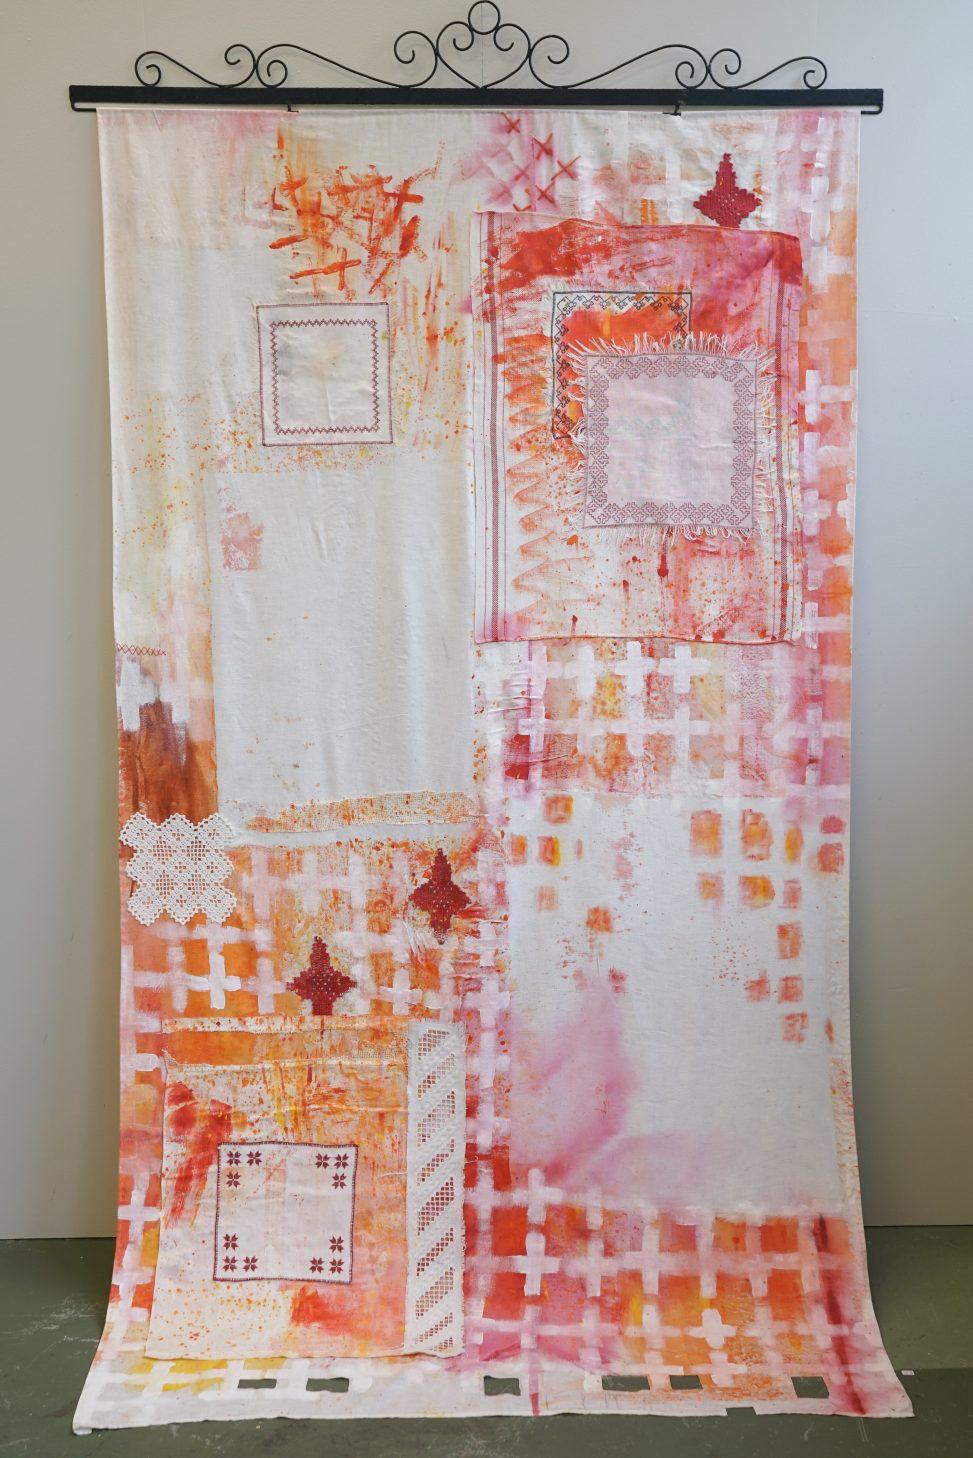 Tekstil av Liv Anne Olafsen